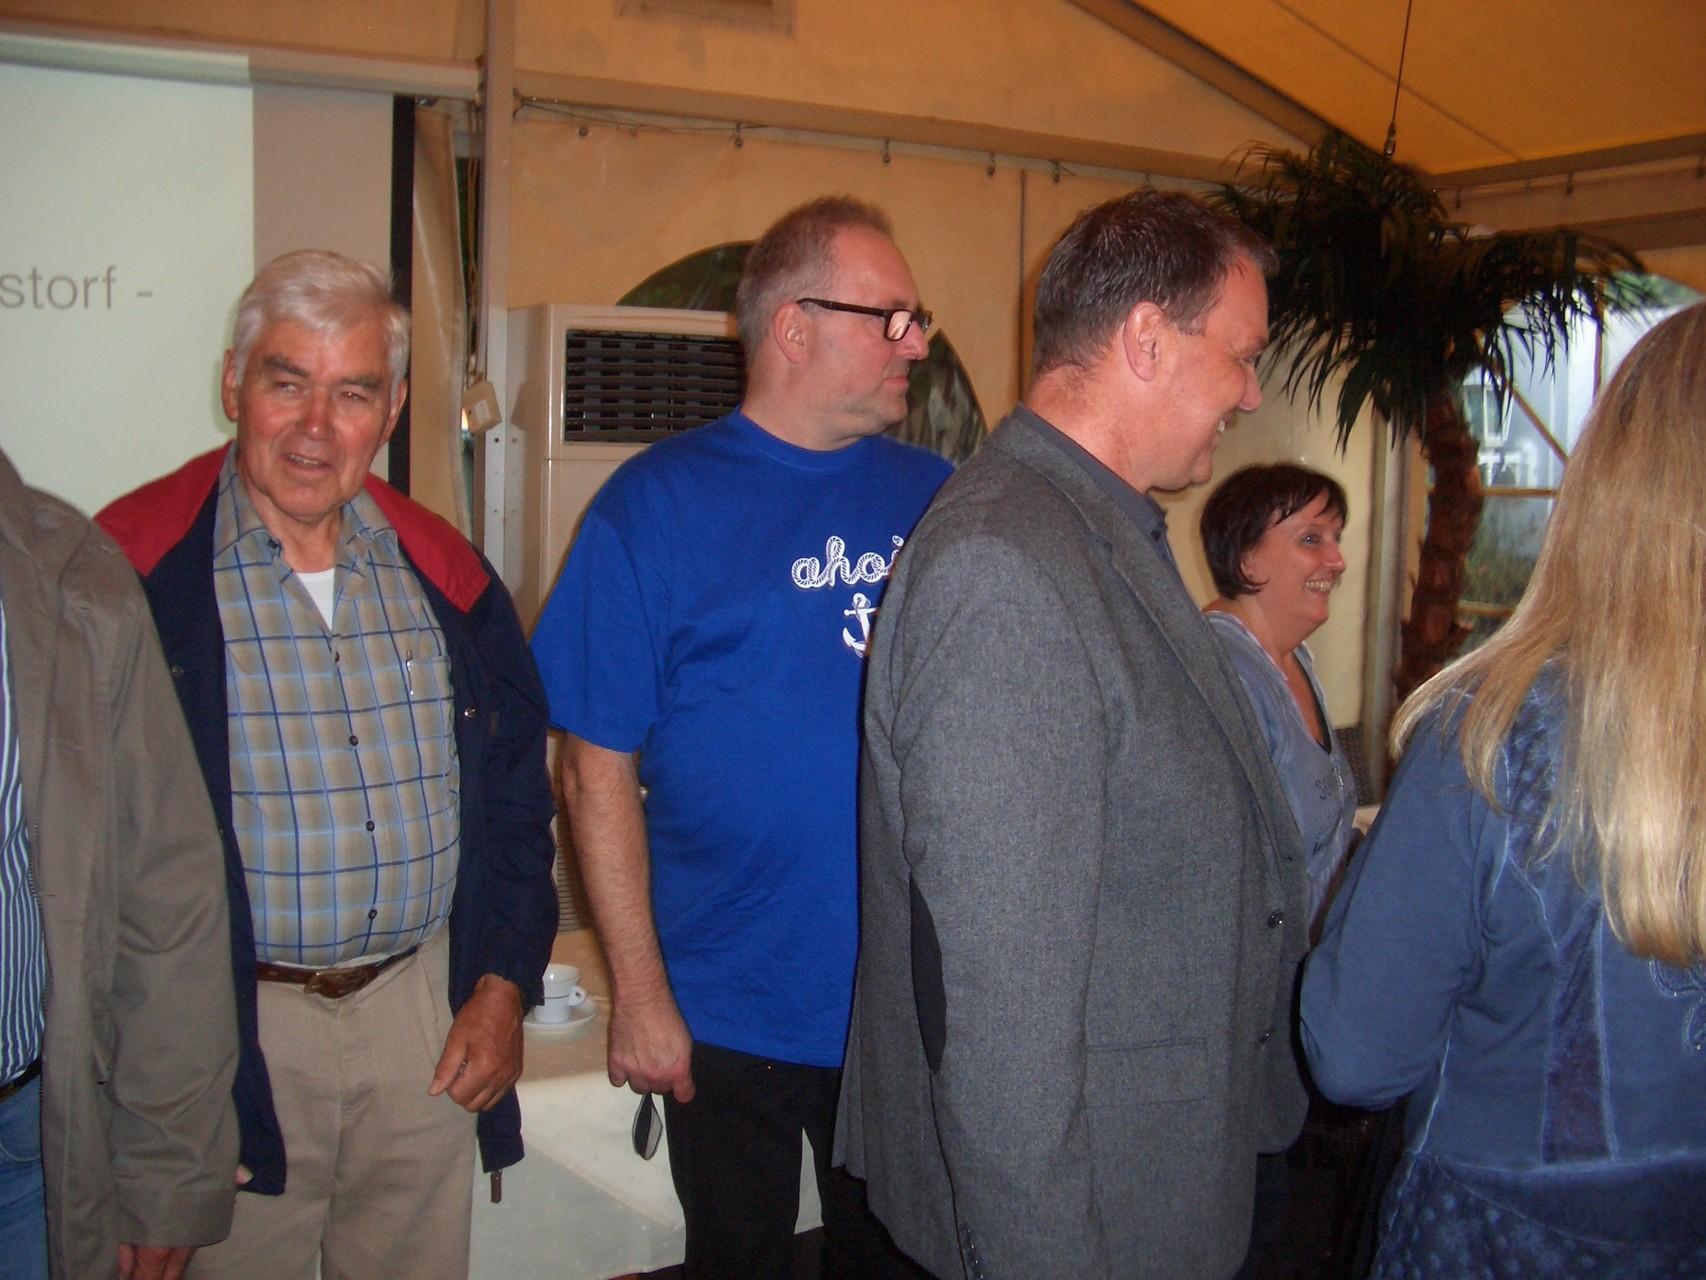 ... Heino von Eitzen und Marcus Garcia Holthusen